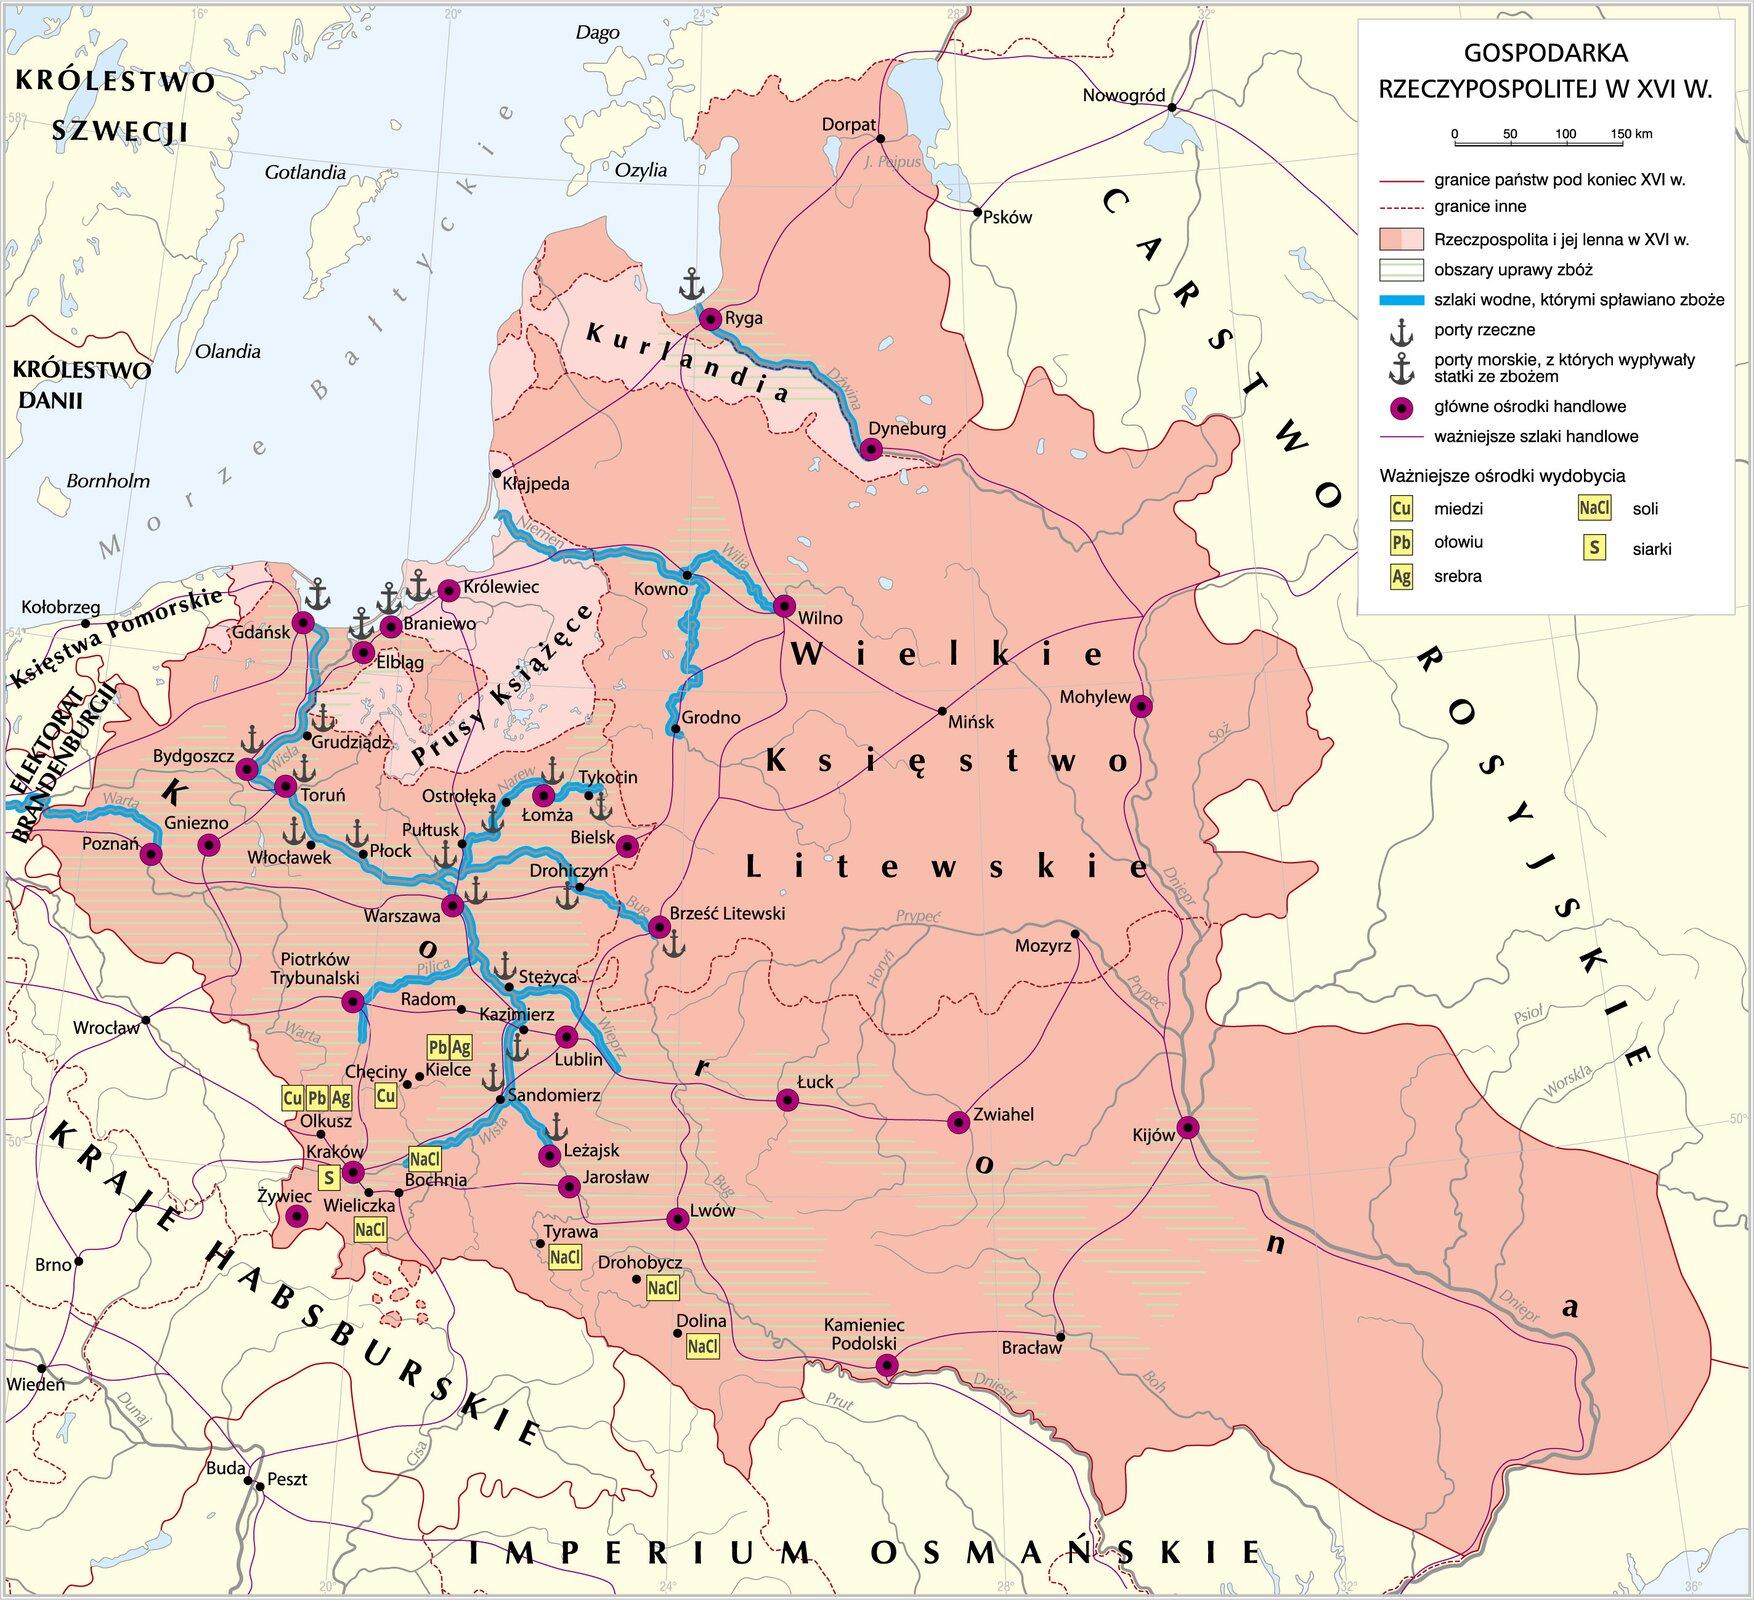 Mapa przedstawia gospodarkę Rzeczpospolitej wXVI wieku. Obszary upraw zbóż to przede wszystkim: Pomorze środkowe, Wielkopolska, Mazowsze, Małopolska, Ukraina (aż po Kamieniec Podolski iKijów), Podlasie iokolice Wilna. Ukazane są także szlaki wodne prowadzące przez niemal całą długość Wisły ijej dopływy (Wieprz, Pilica, Bug, Narew), atakże szlak wodny na Warcie od Poznania do Odry, na Niemnie, od środkowego jej biegu do ujścia wraz zdopływem Wilią, atakże na Dźwinie od Dyneburga do Rygi. Ukazane są miejsca portów rzecznych: wGrudziądzu, Bydgoszczy, Toruniu,Włocławku, Płocku Warszawie, Stężycy, Kazimierzu, Sandomierzu, Leżajsku, Brześciu Litewskim, Drohiczynie, Pułtusku, Ostrołęce, Łomży, Tykocinie, atakże porty morskie w: Gdańsku, Elblągu, Braniewie, Królewcu iRydze. Wymieniono tu także główne ośrodki handlowe takie jak: Gdańsk, Elbląg, Braniewo, Królewiec, Ryga, Dyneburg, Wilno, Mohylew, Bydgoszcz, Toruń, Poznań, Gniezno, Warszawa, Łomża, Bielsk. Brześć Litewski, Piotrków Trybunalski, Lublin, Kraków, Żywiec, Leżajsk, Jarosław, Lwów, Łuck, Zwiahel, Kijów, Kamieniec Podolski.